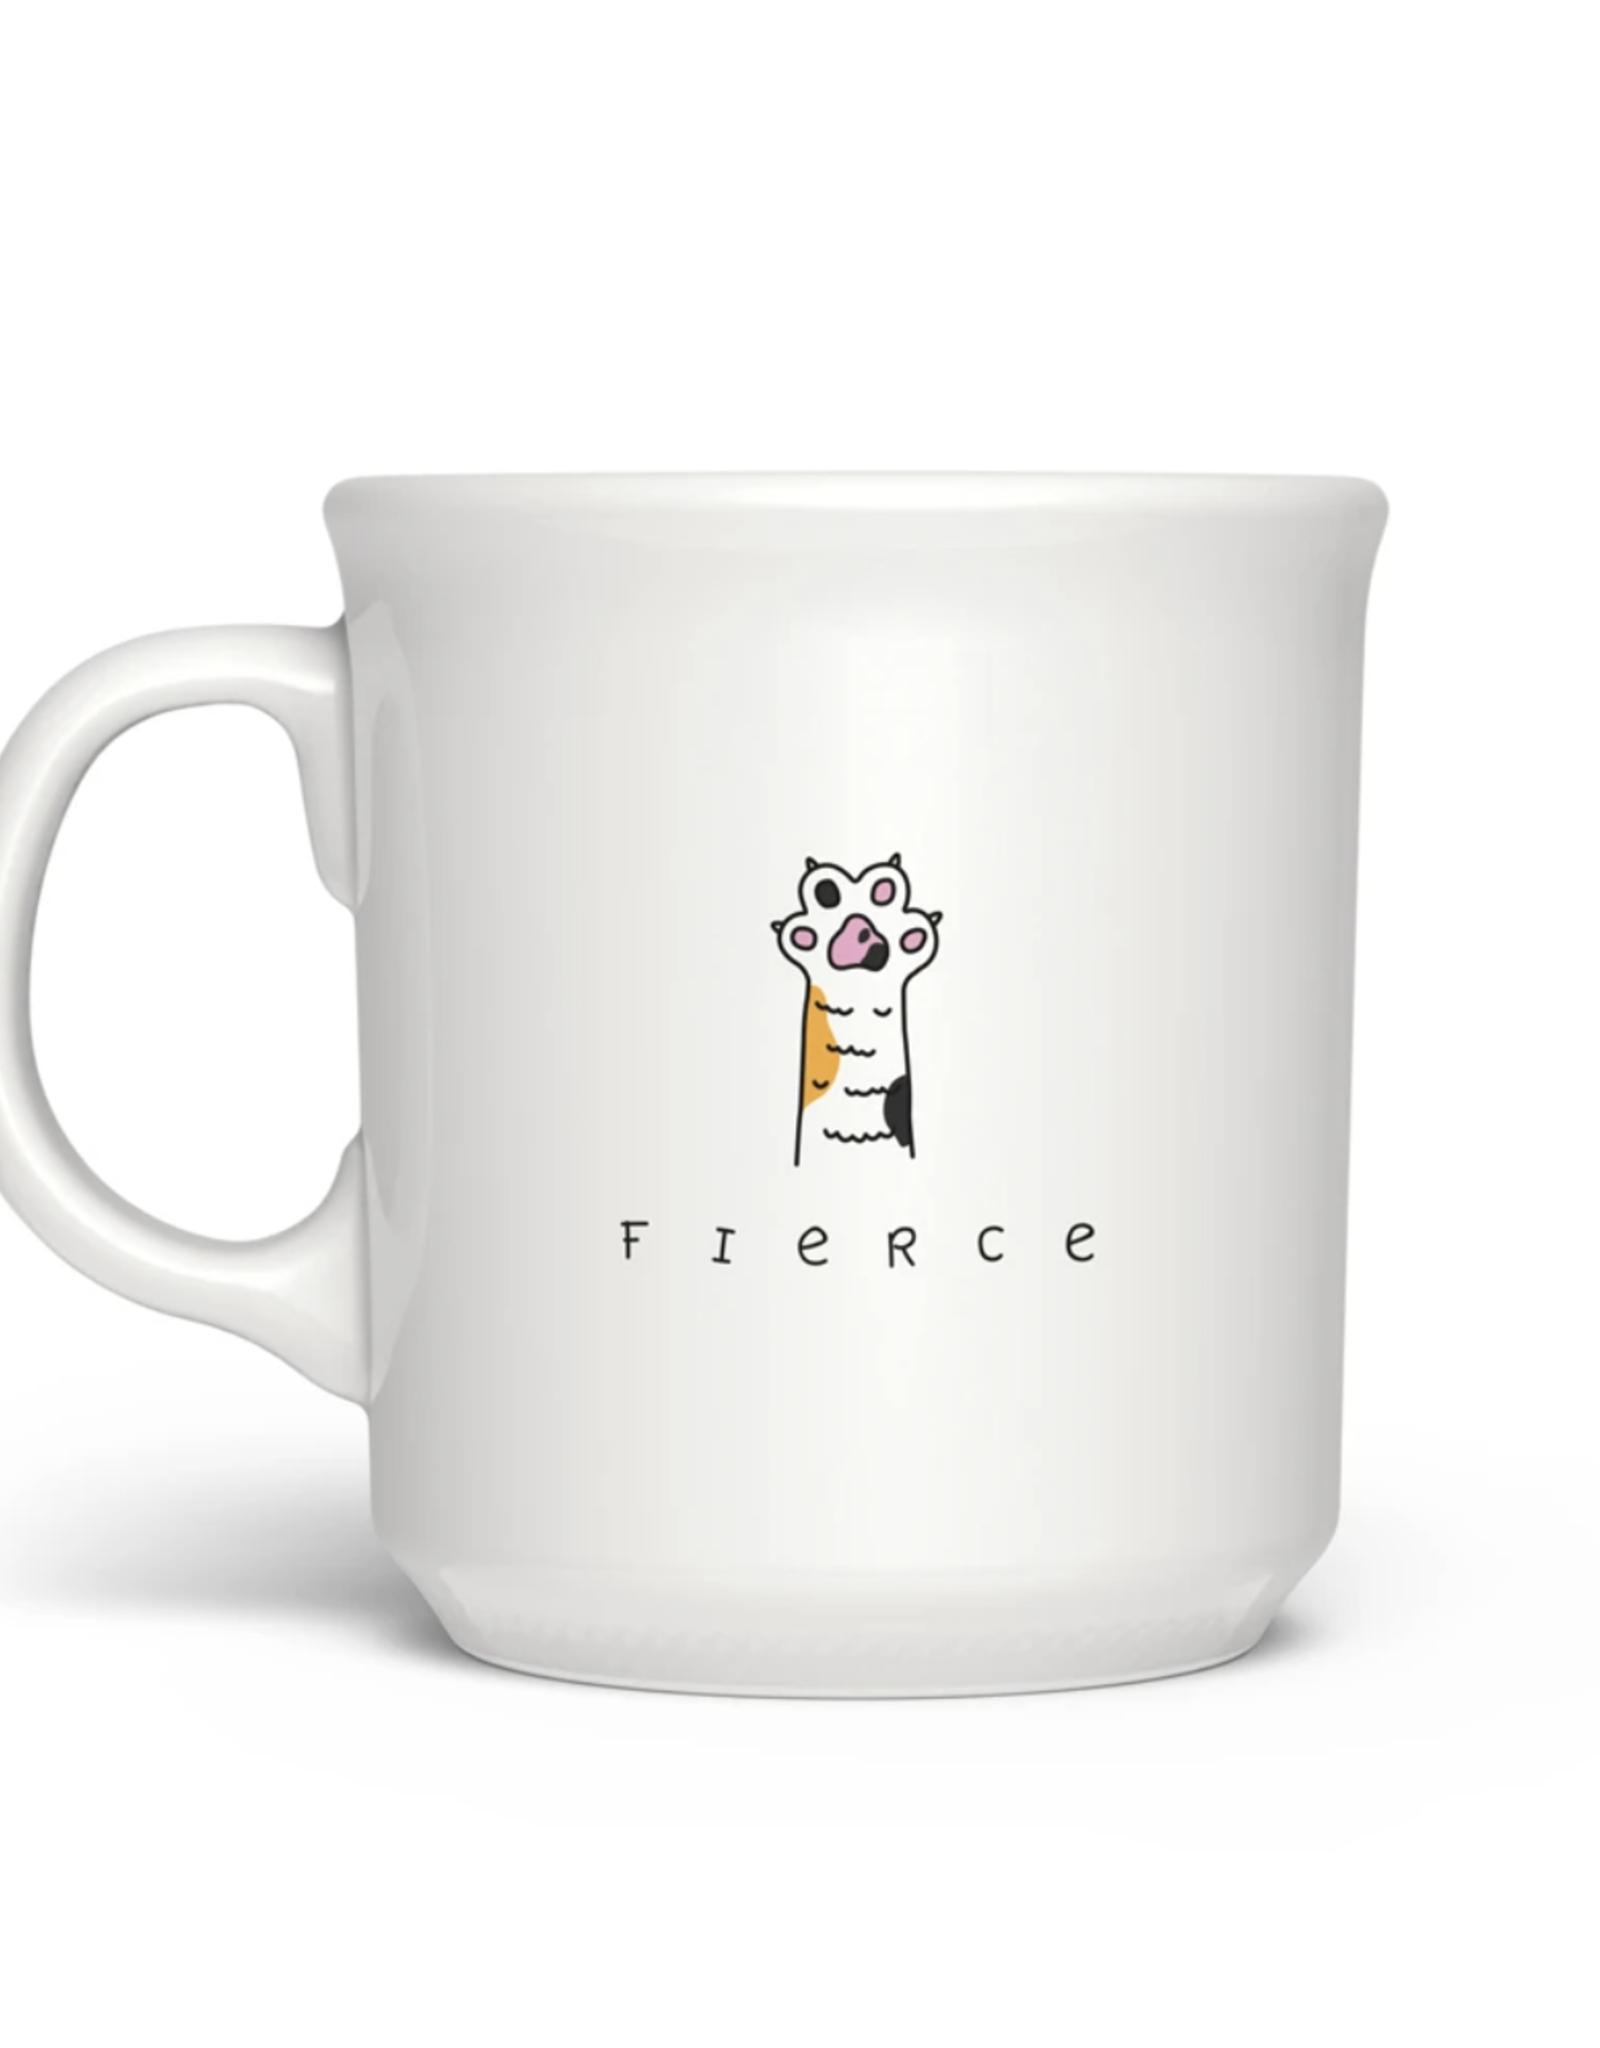 Fierce Mug